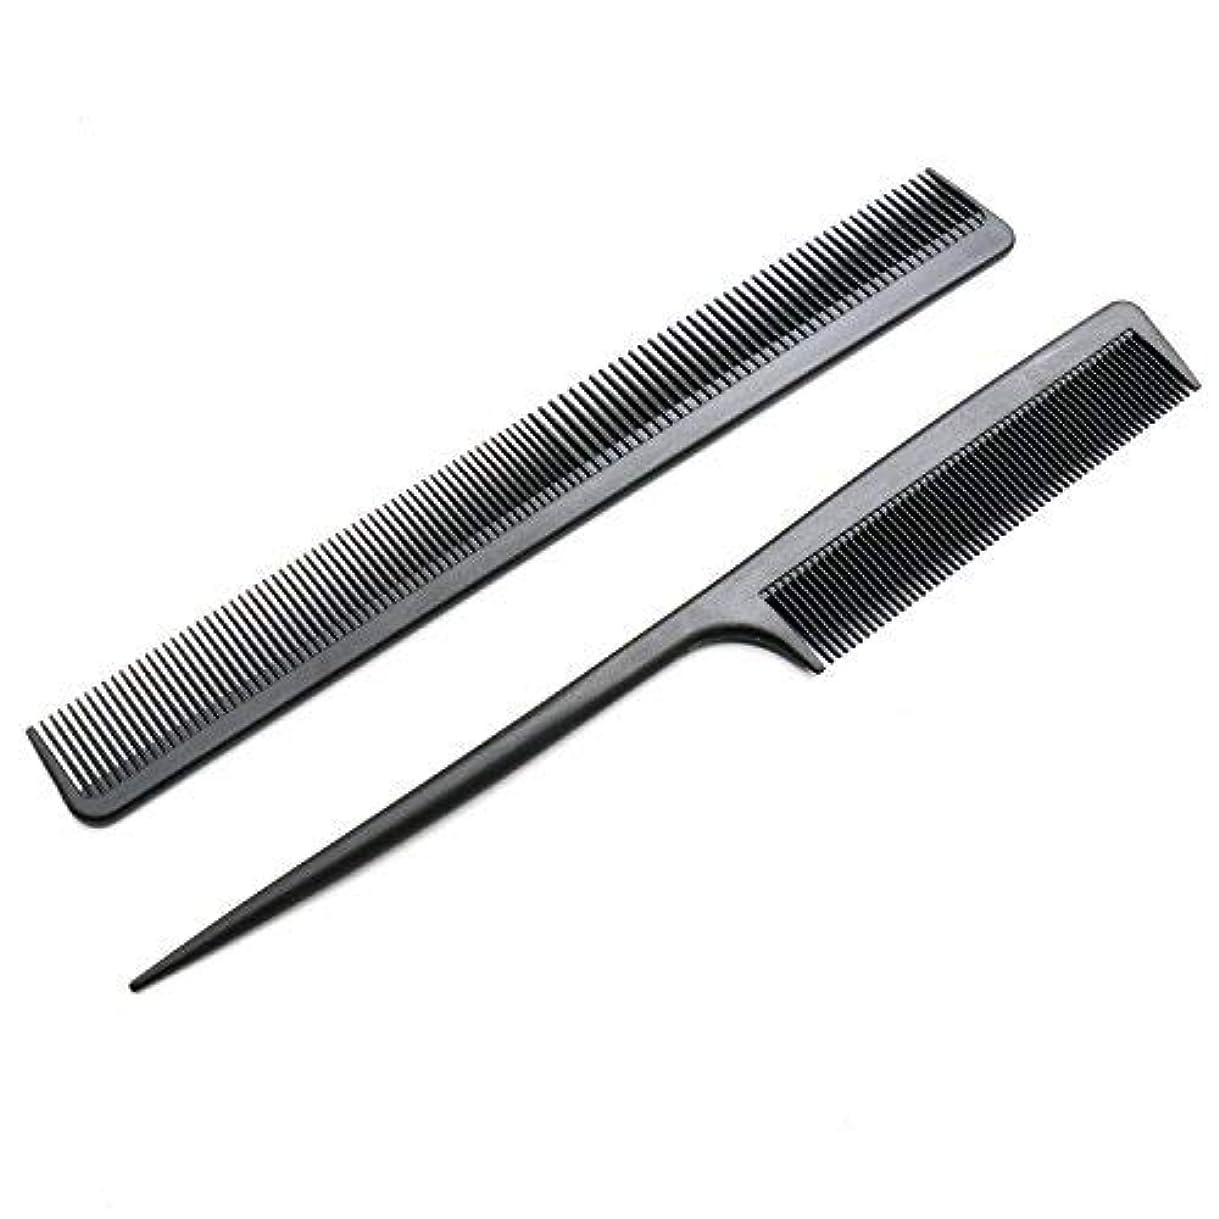 スタッフ鰐フラグラント2 Pack Carbon Fiber Anti Static Chemical And Heat Resistant Tail Comb For All Hair Types,Black [並行輸入品]